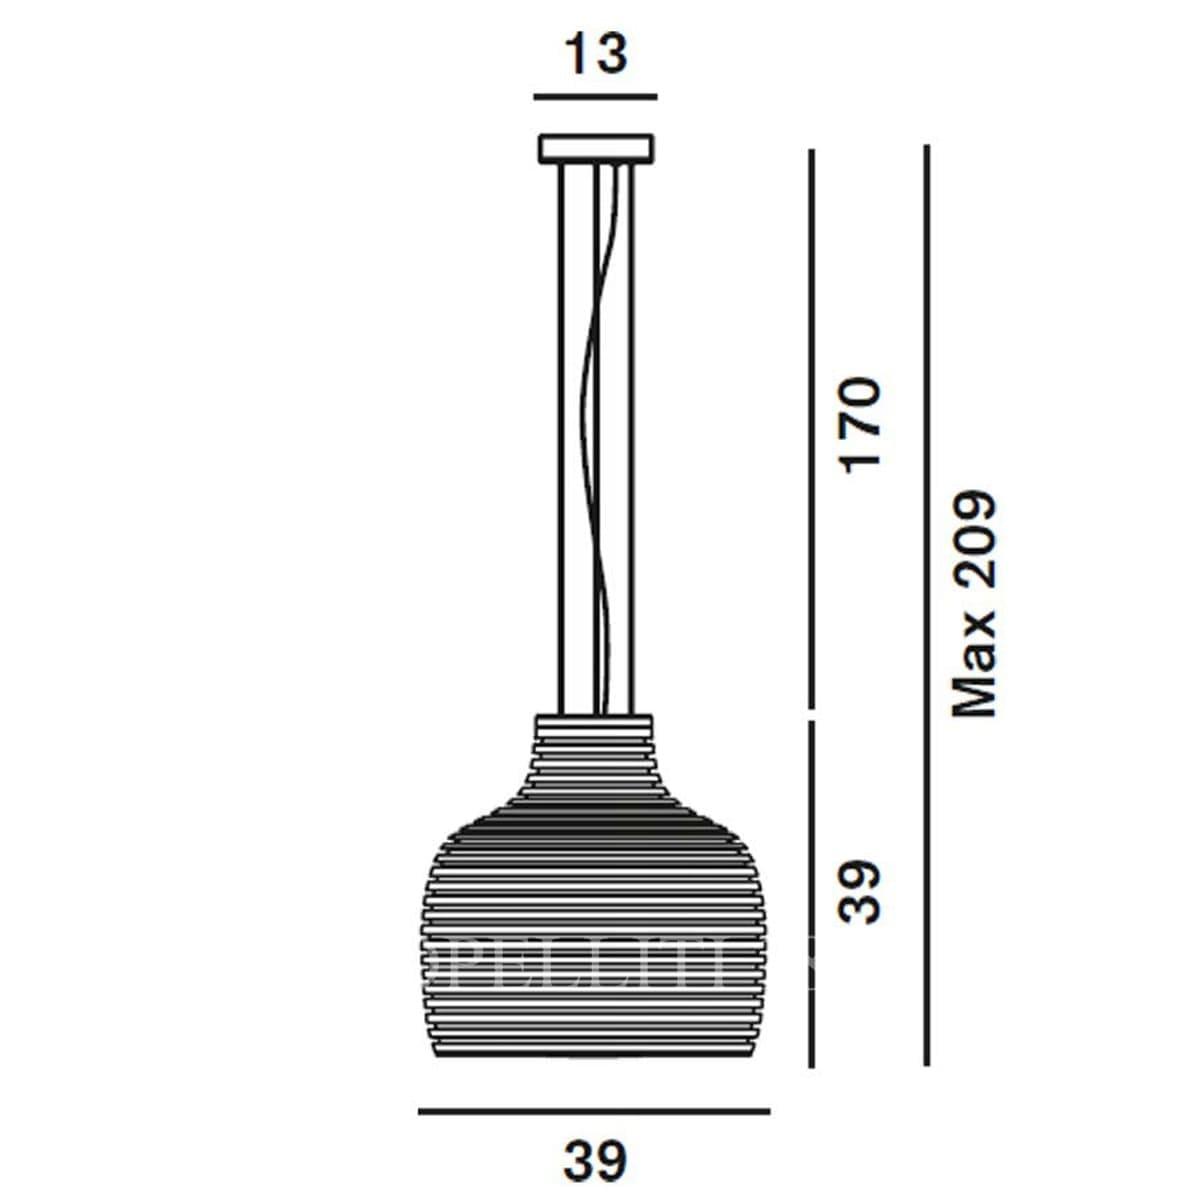 foscarini italian lighting designer suspension lamp behive measure